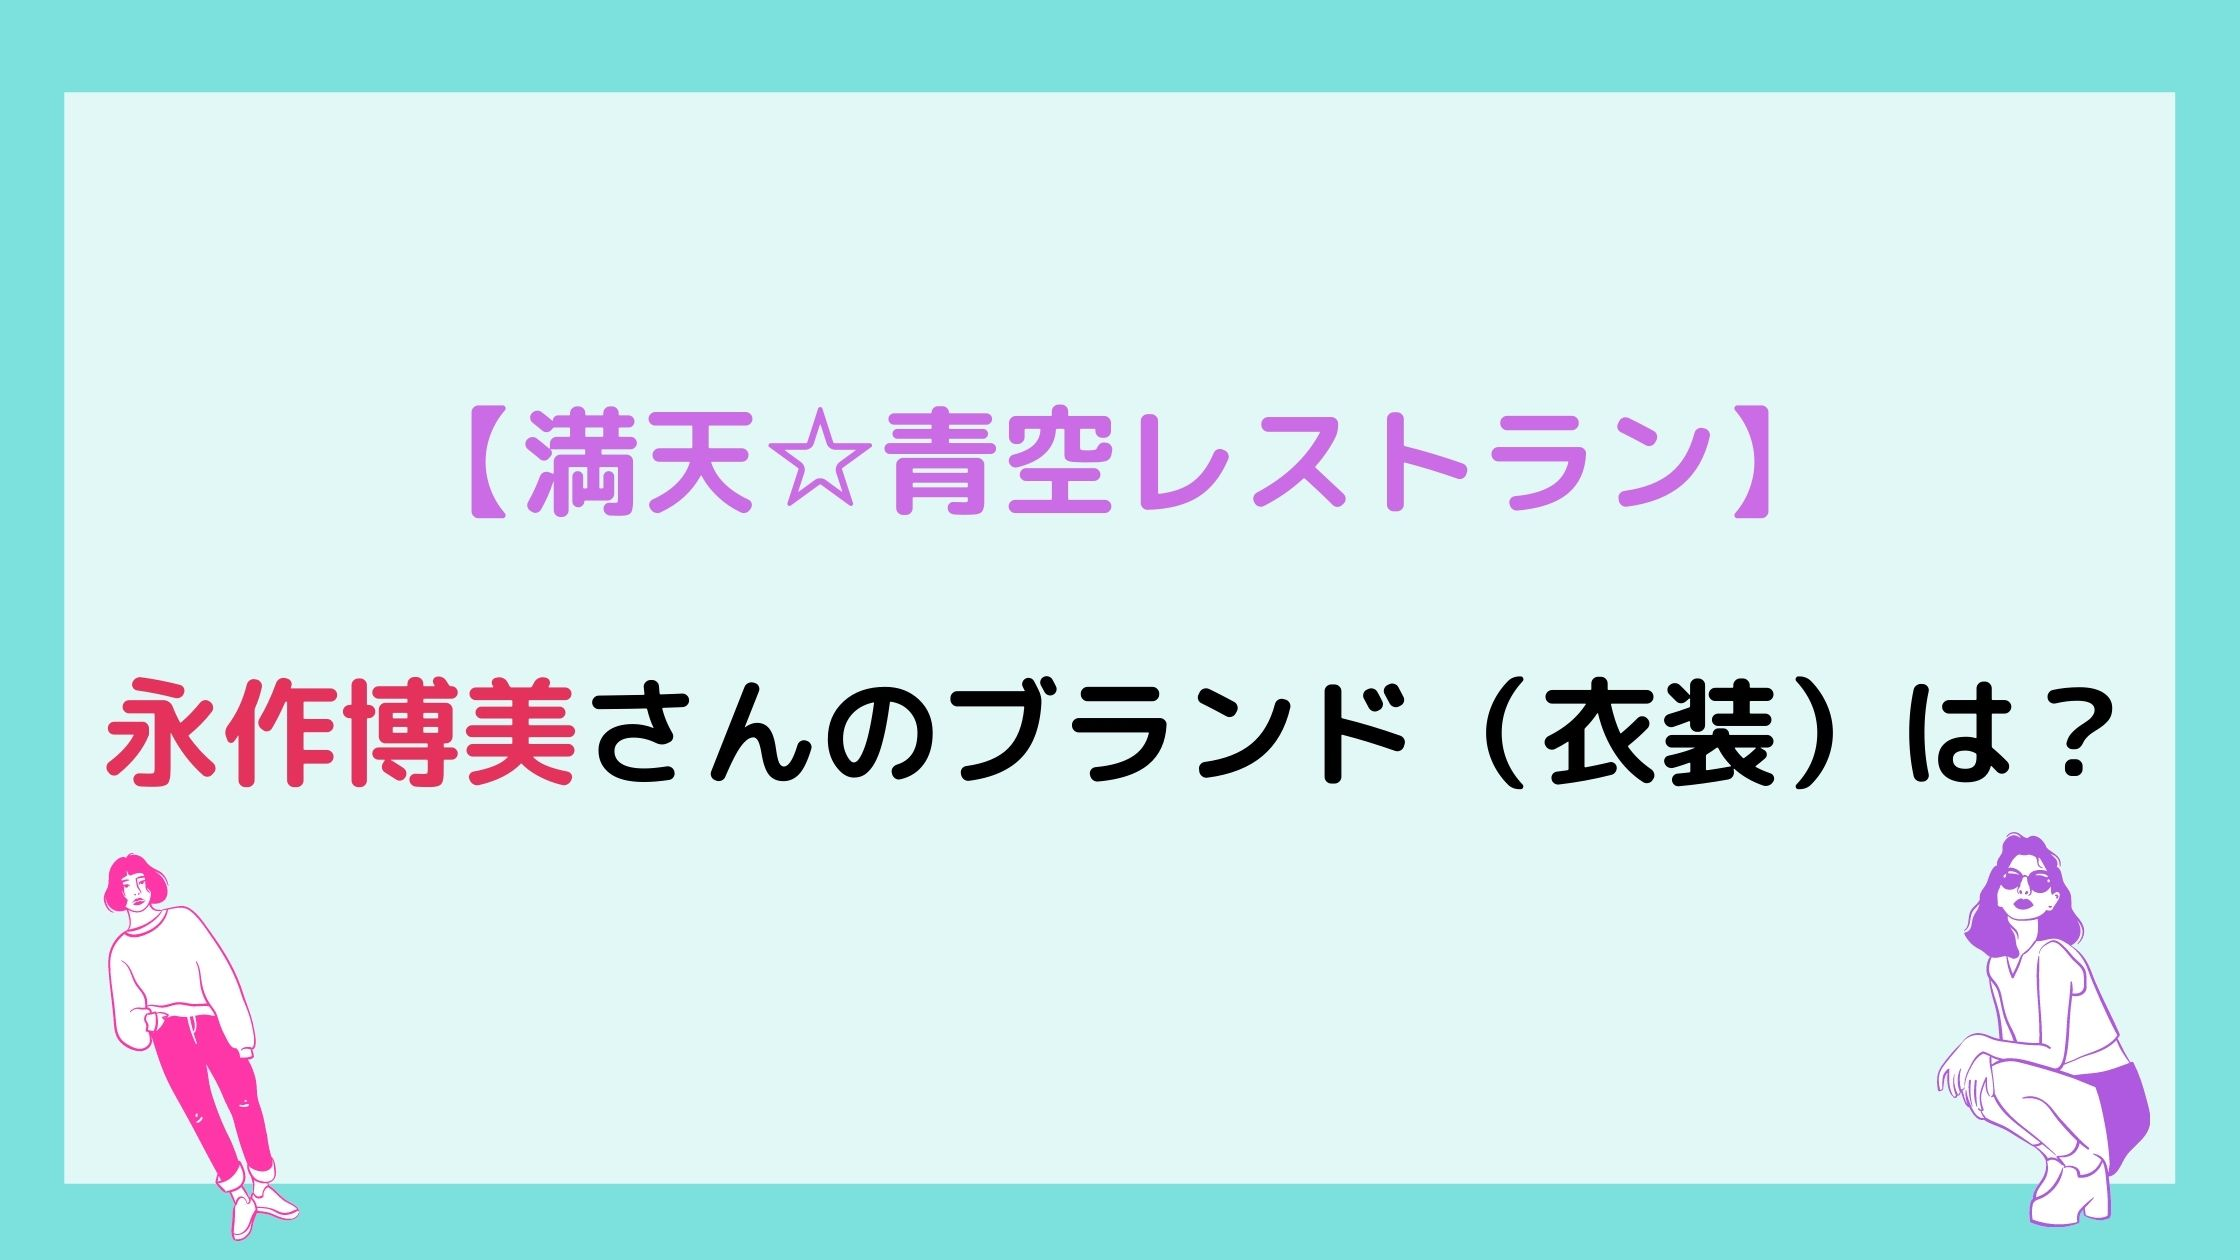 【満天青空レストラン】永作博美さんのブランド(衣装)は?